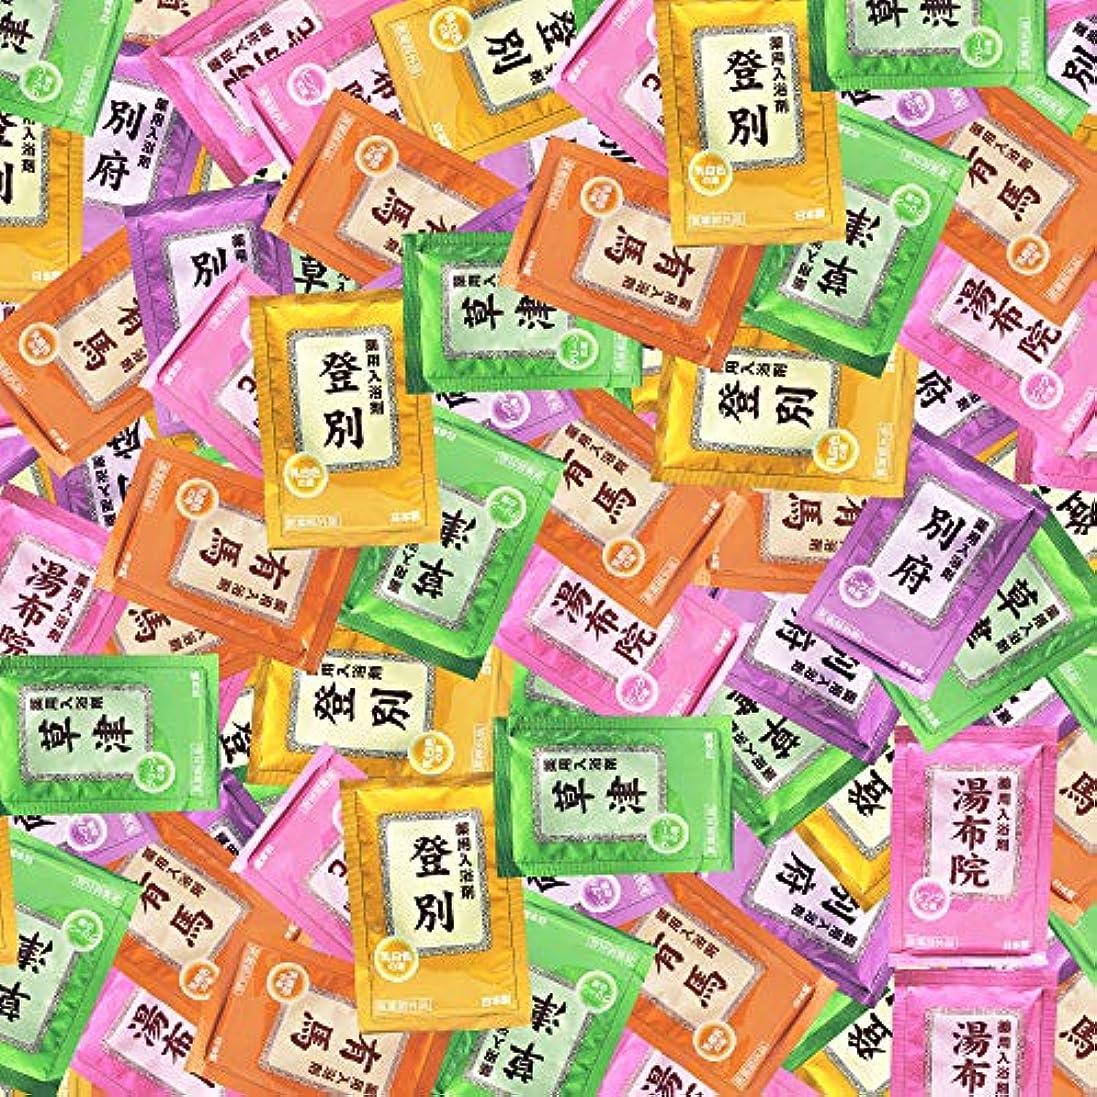 明るい不道徳航空入浴剤 ギフト プレゼント 湯宿めぐり 5種類 (200袋)セット